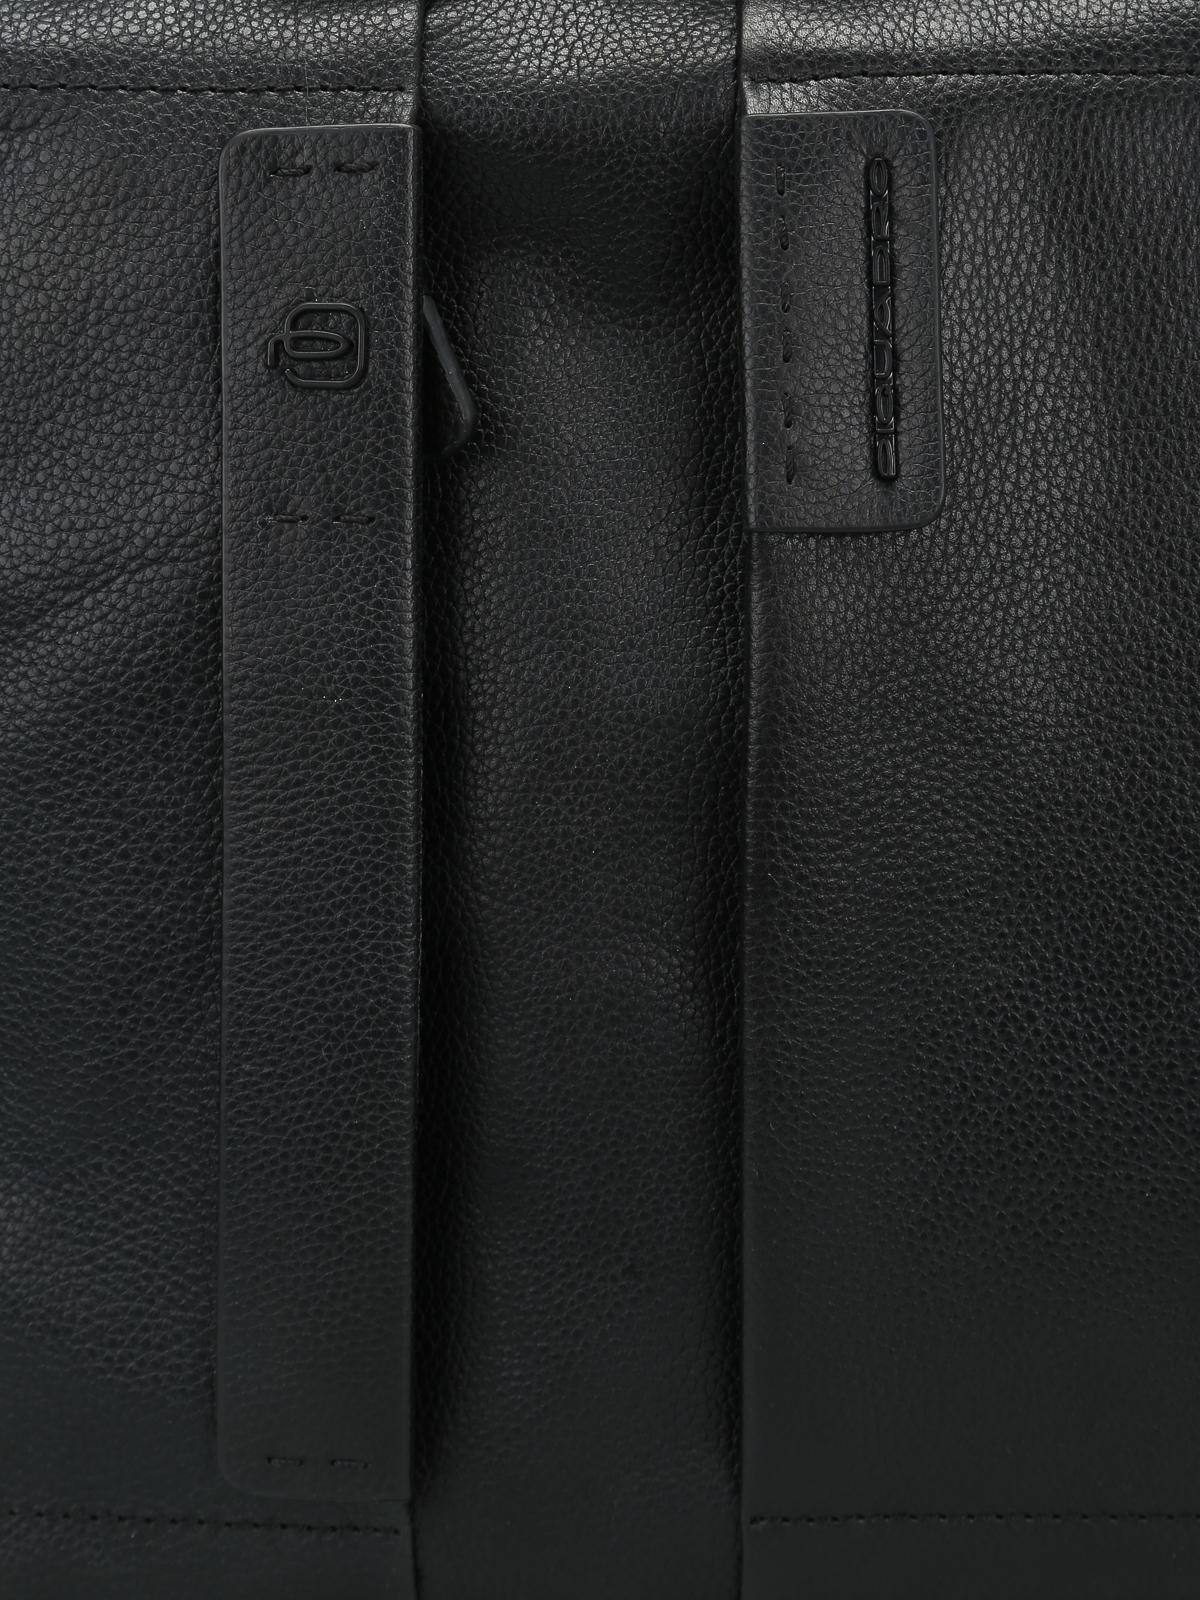 Piquadro borse ufficio pelle a grana laptop Porta nero da in 0wrqx0Rp1